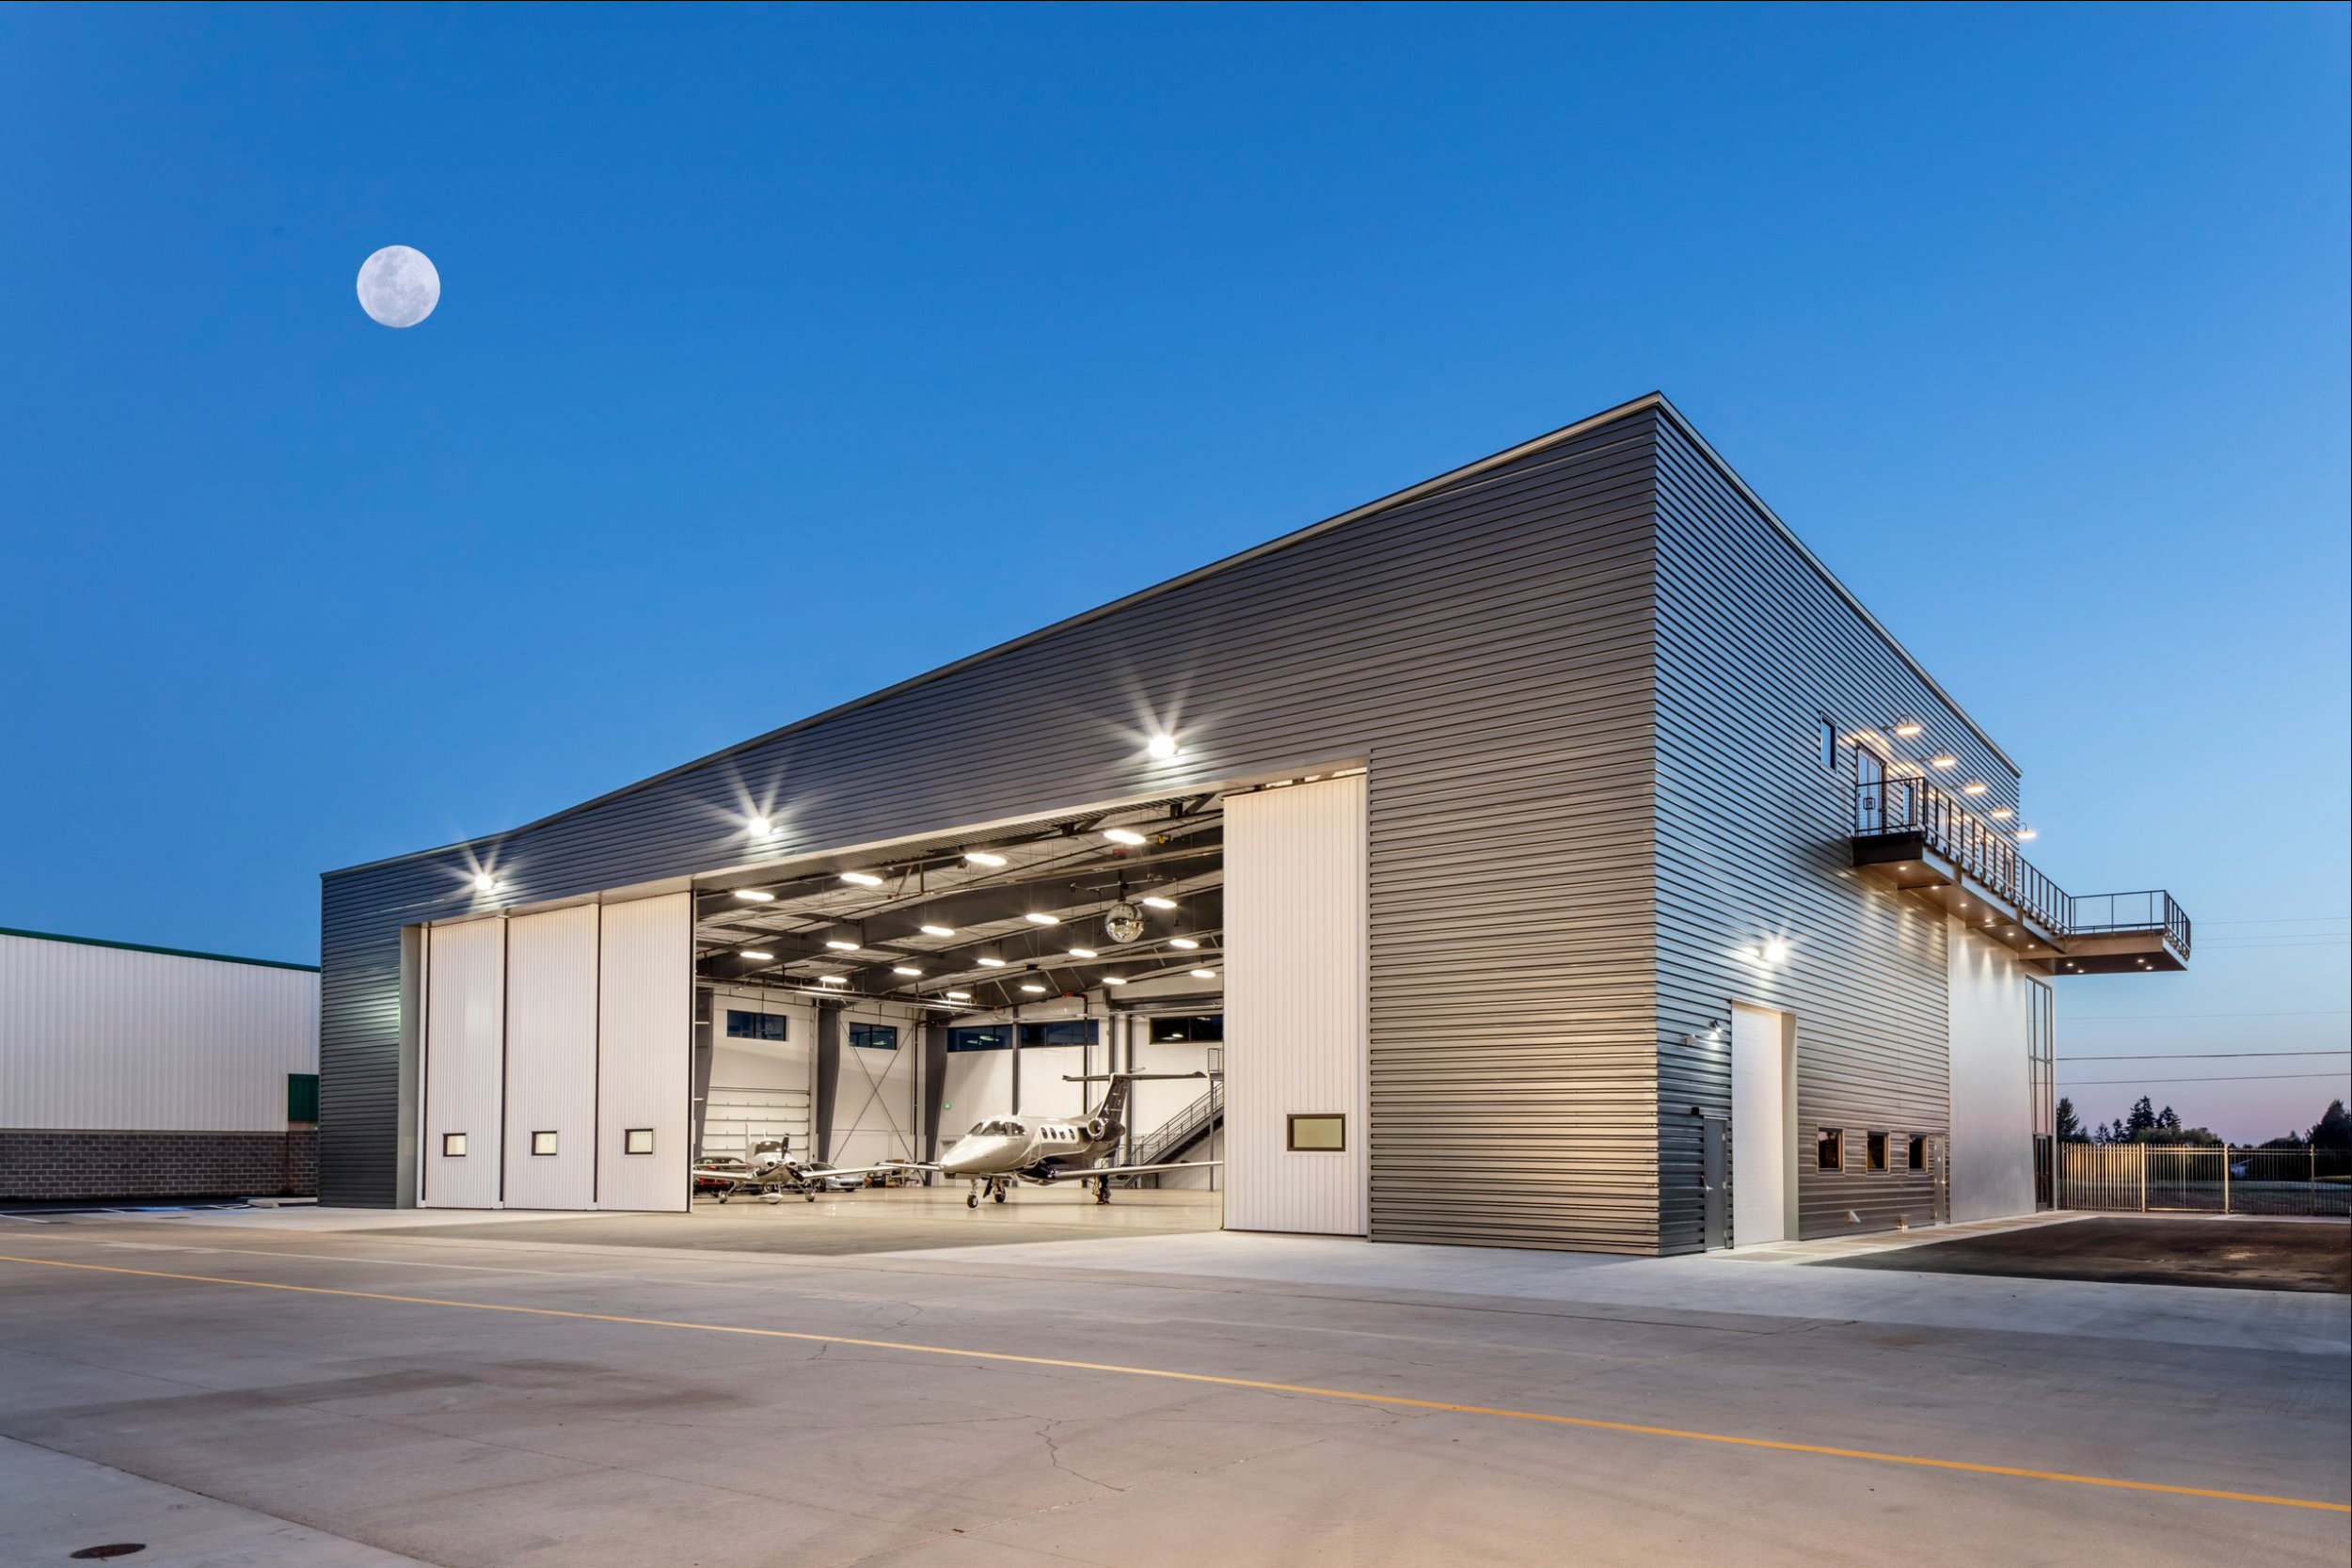 Delta Hangar Moon.jpg